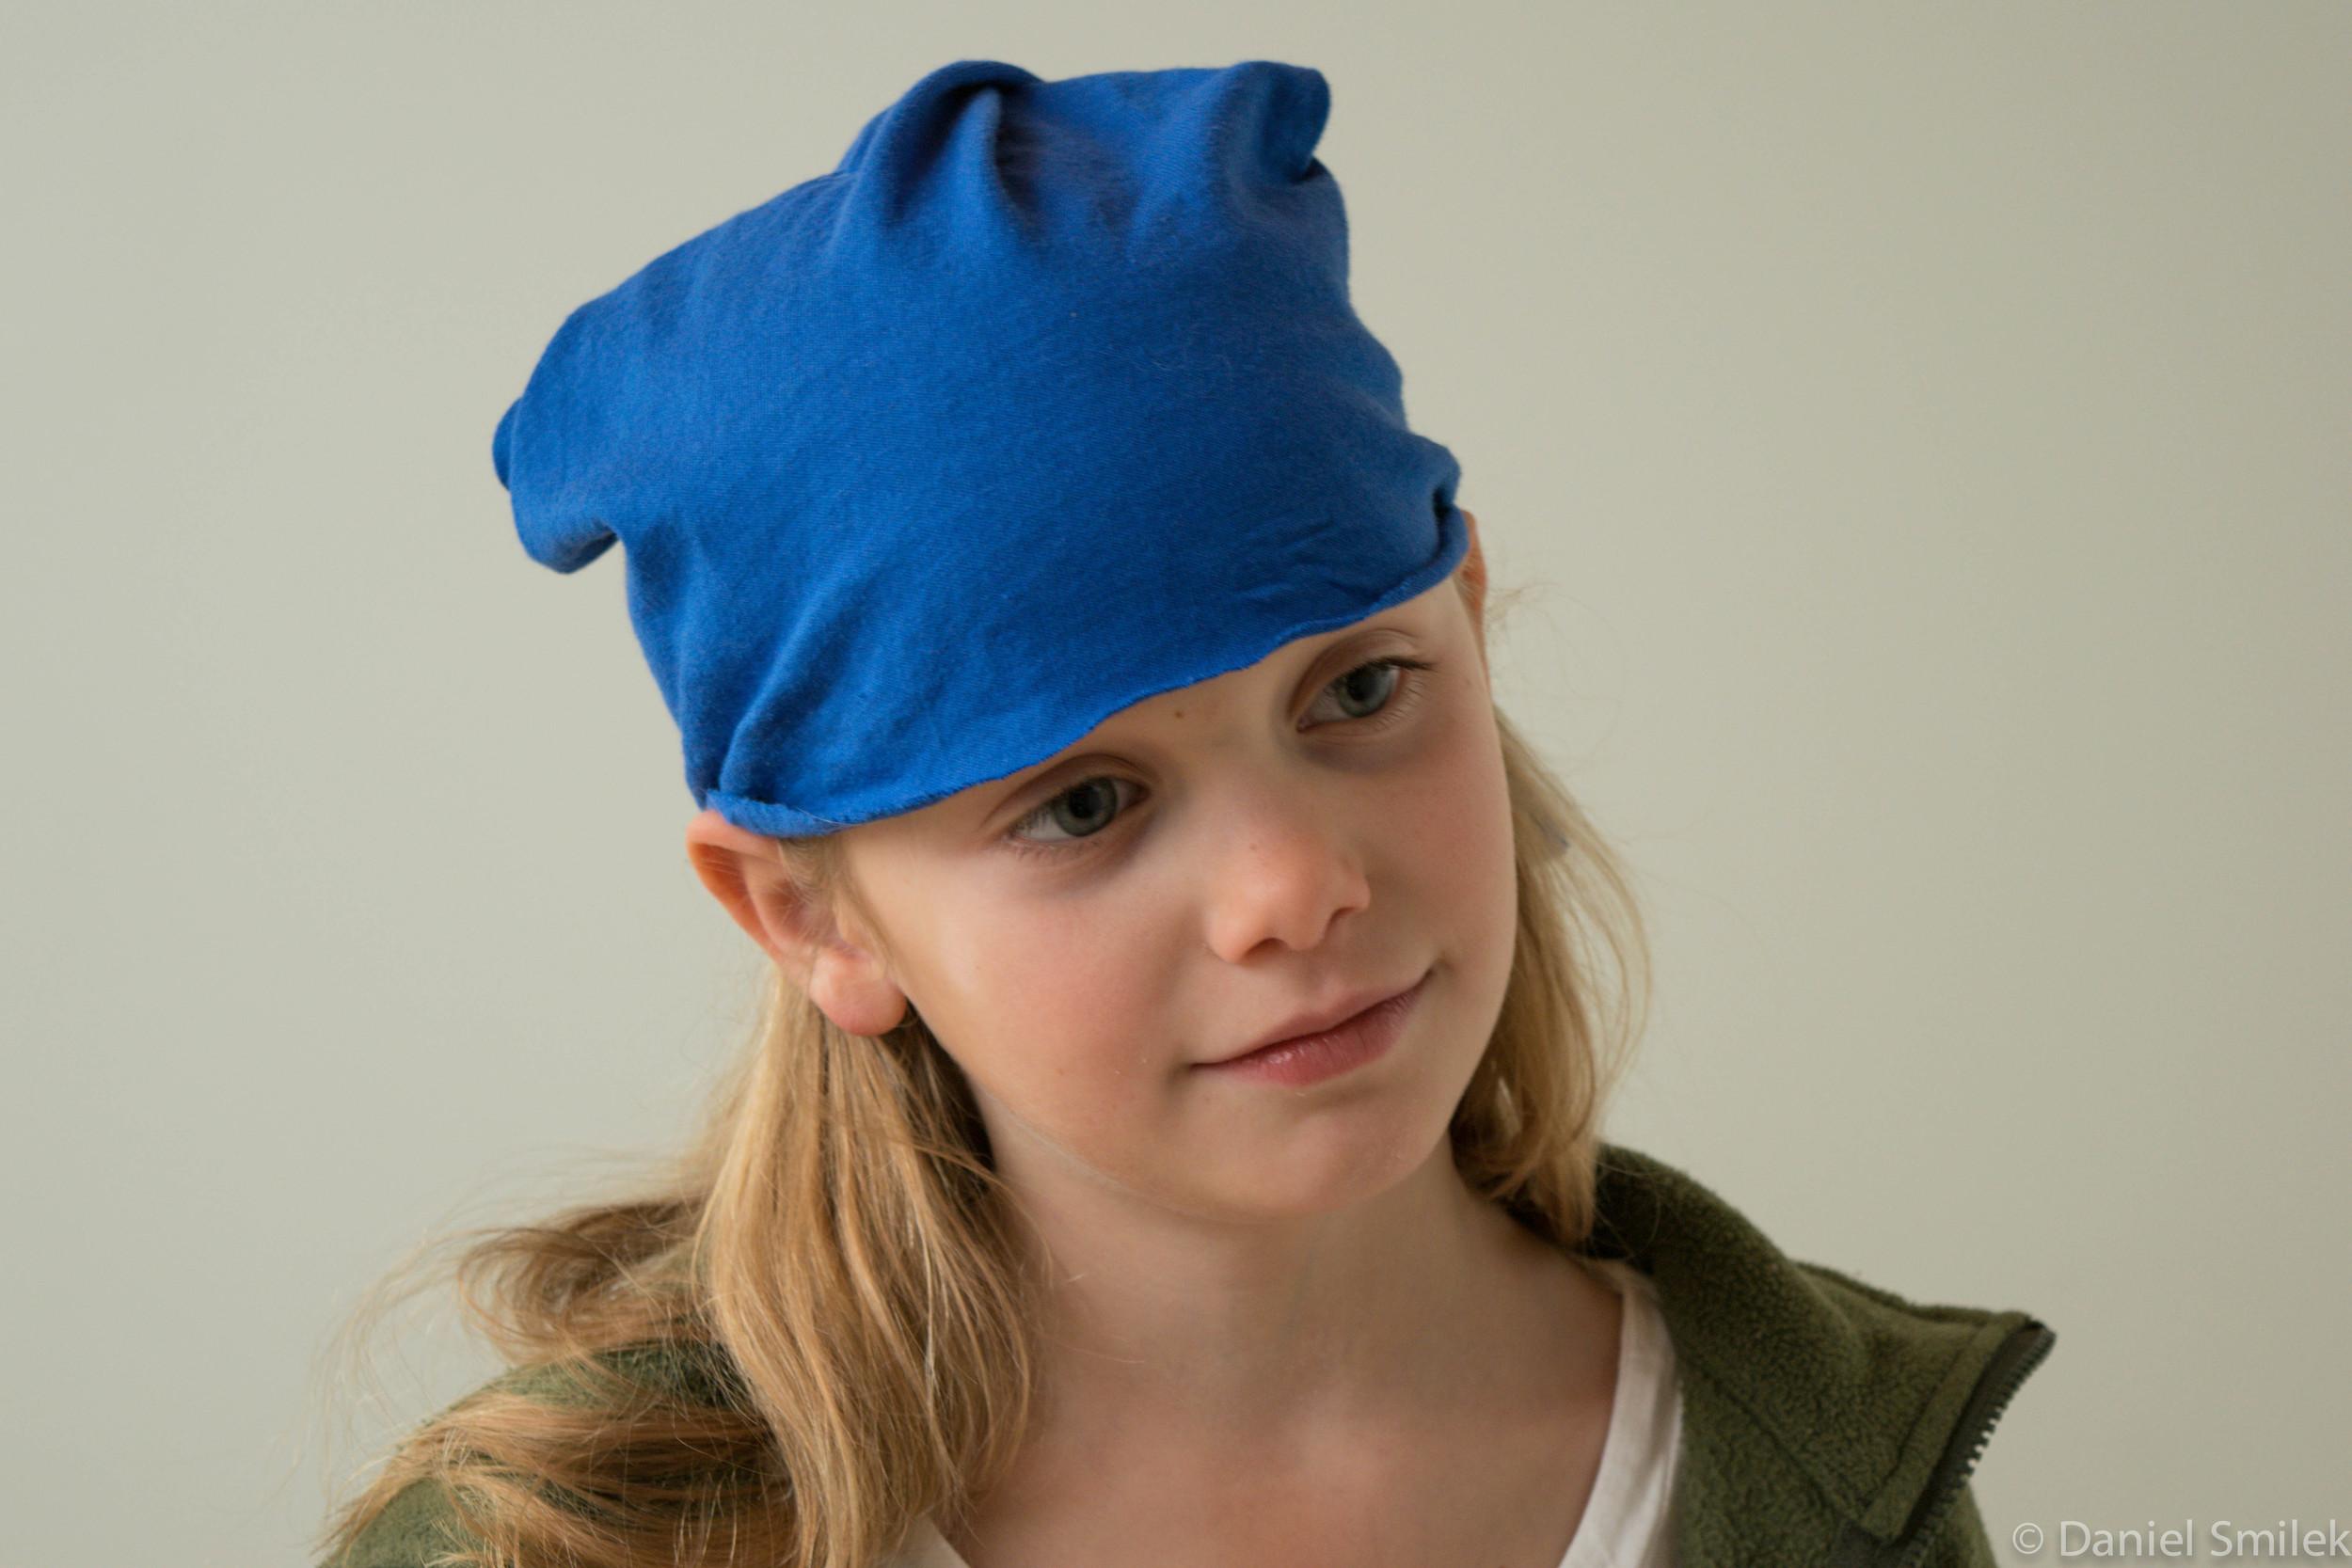 Cousin Eva wearing the tubular bandana she made.